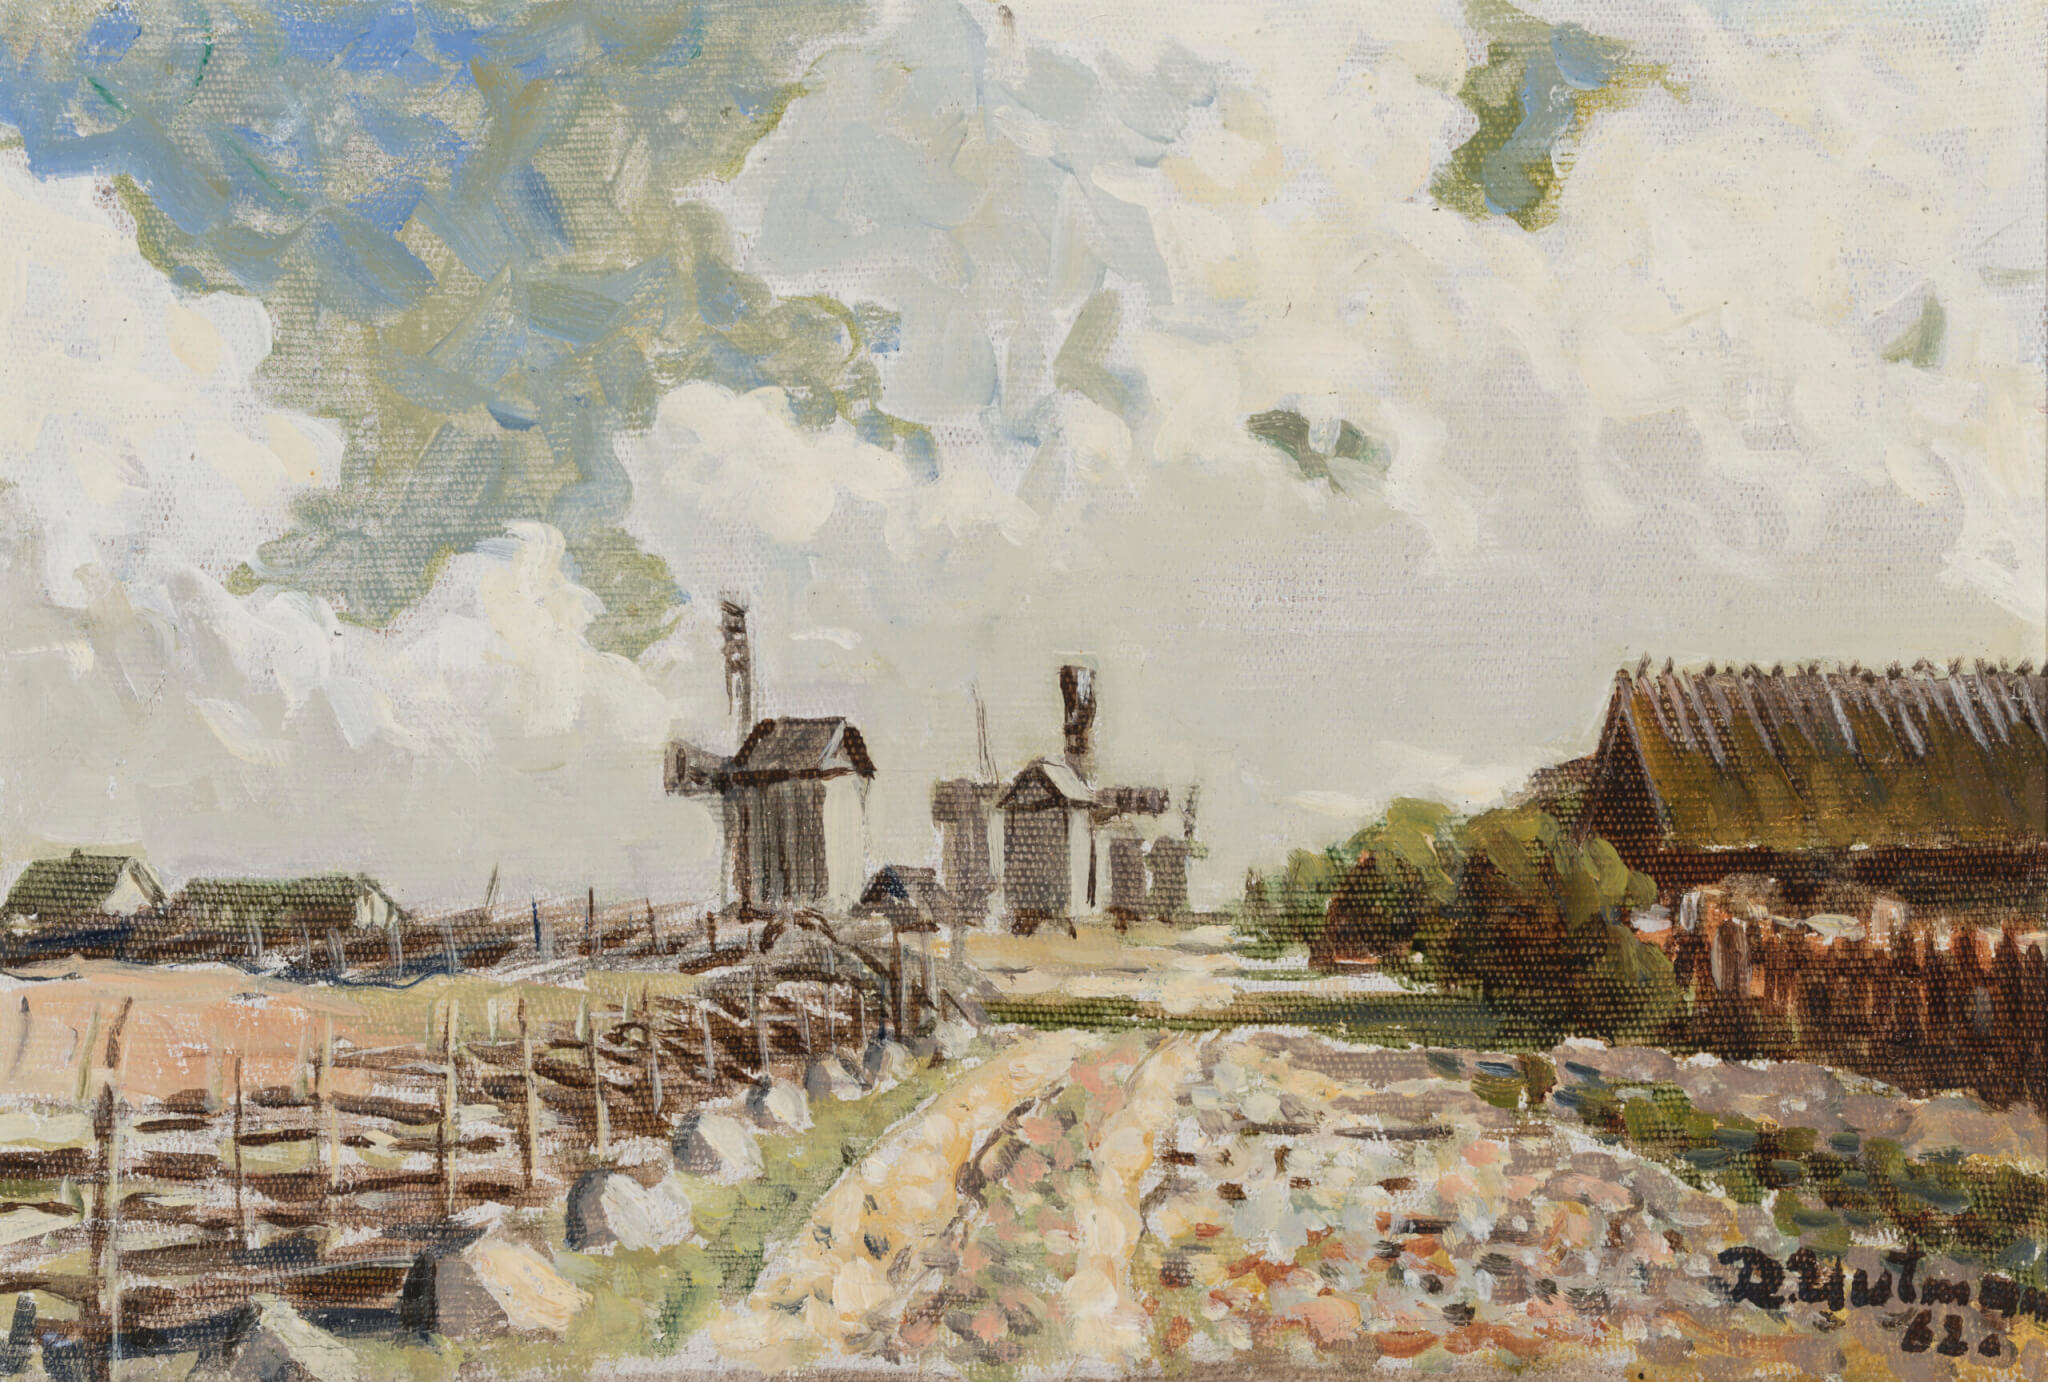 Richard-Uutmaa-kunstinäitus-Allee-galerii-Angla-tuulikud